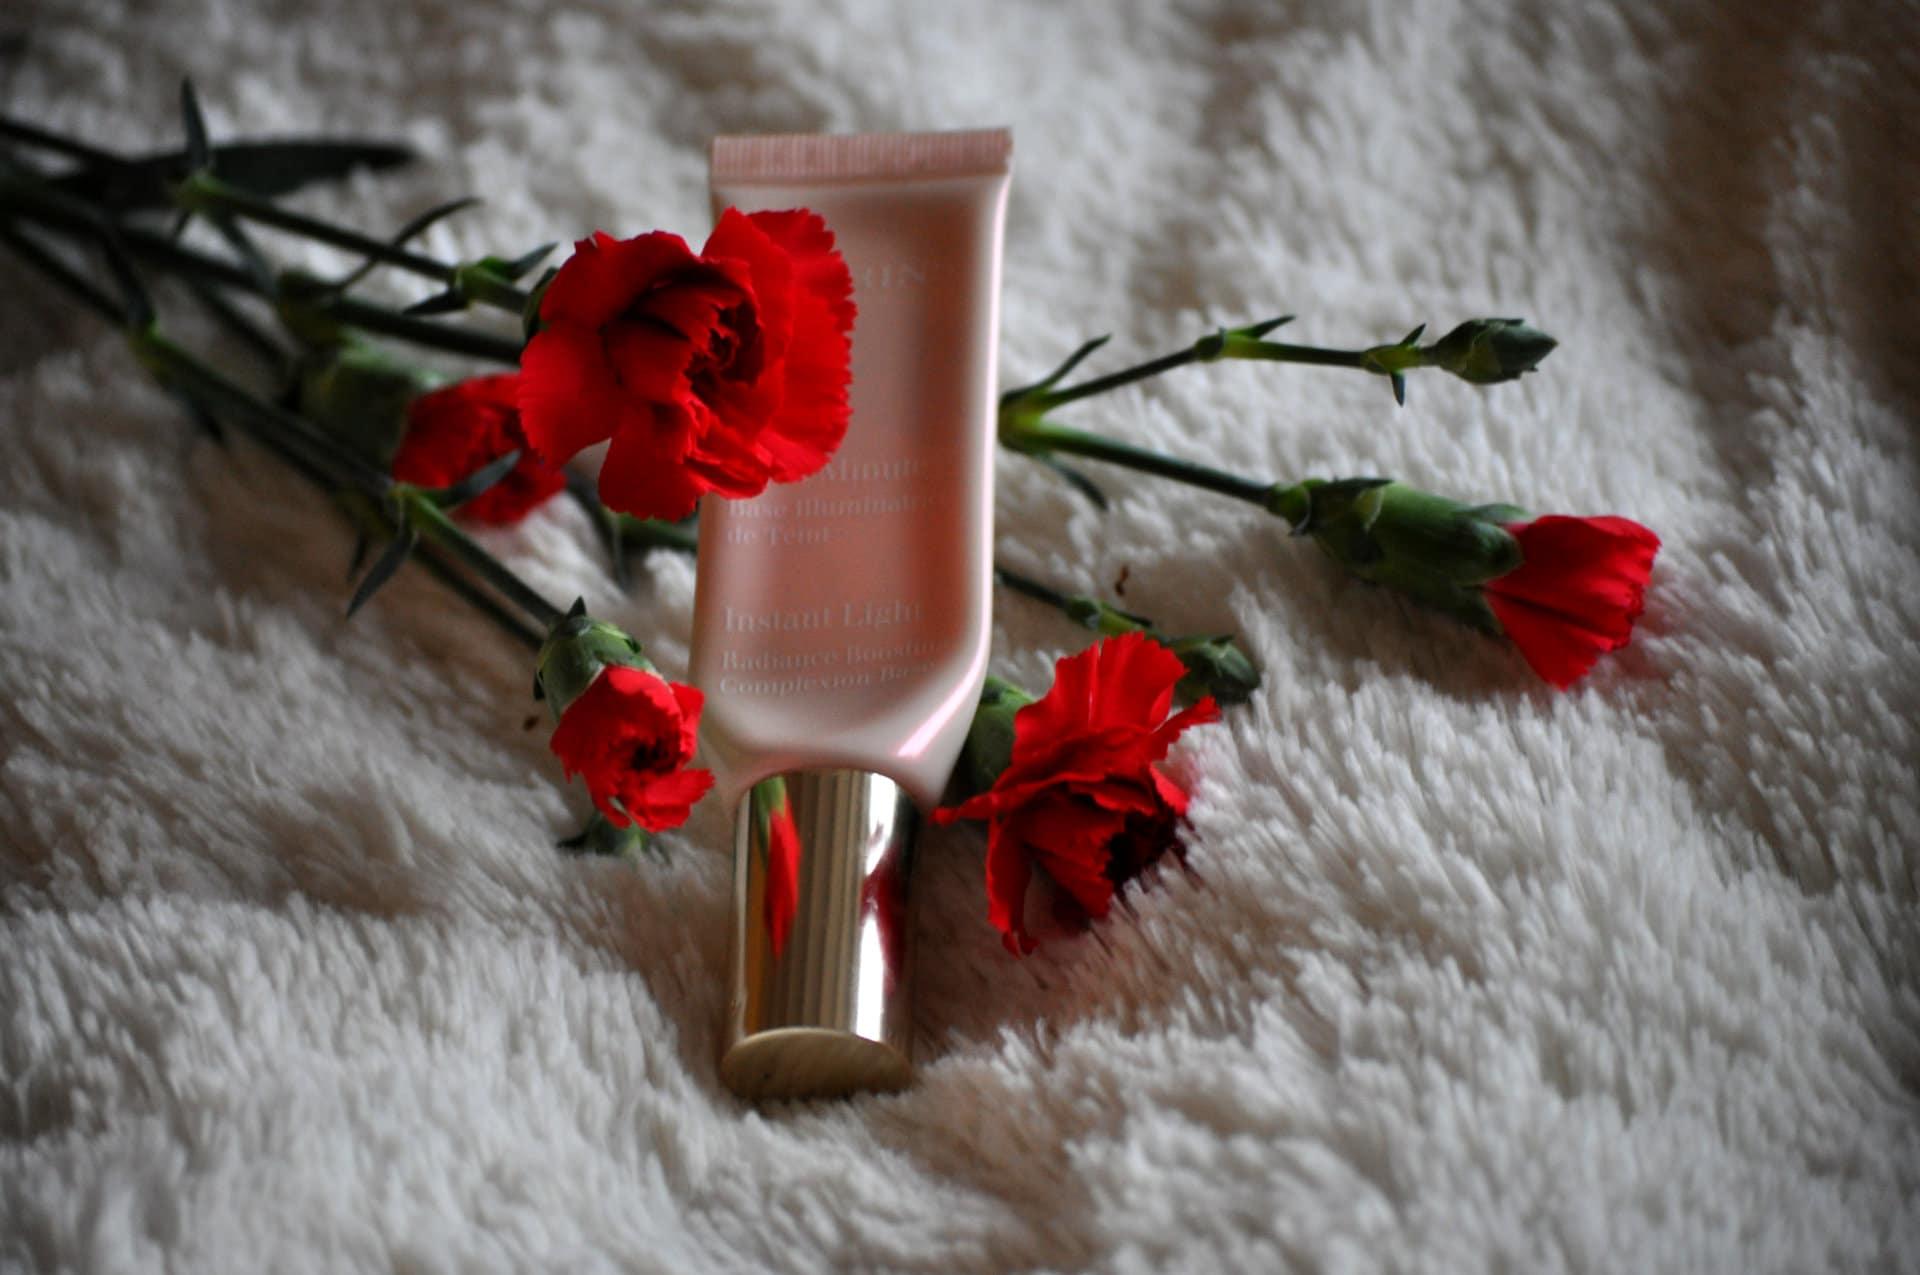 Base de maquillage - Mon peau de crème